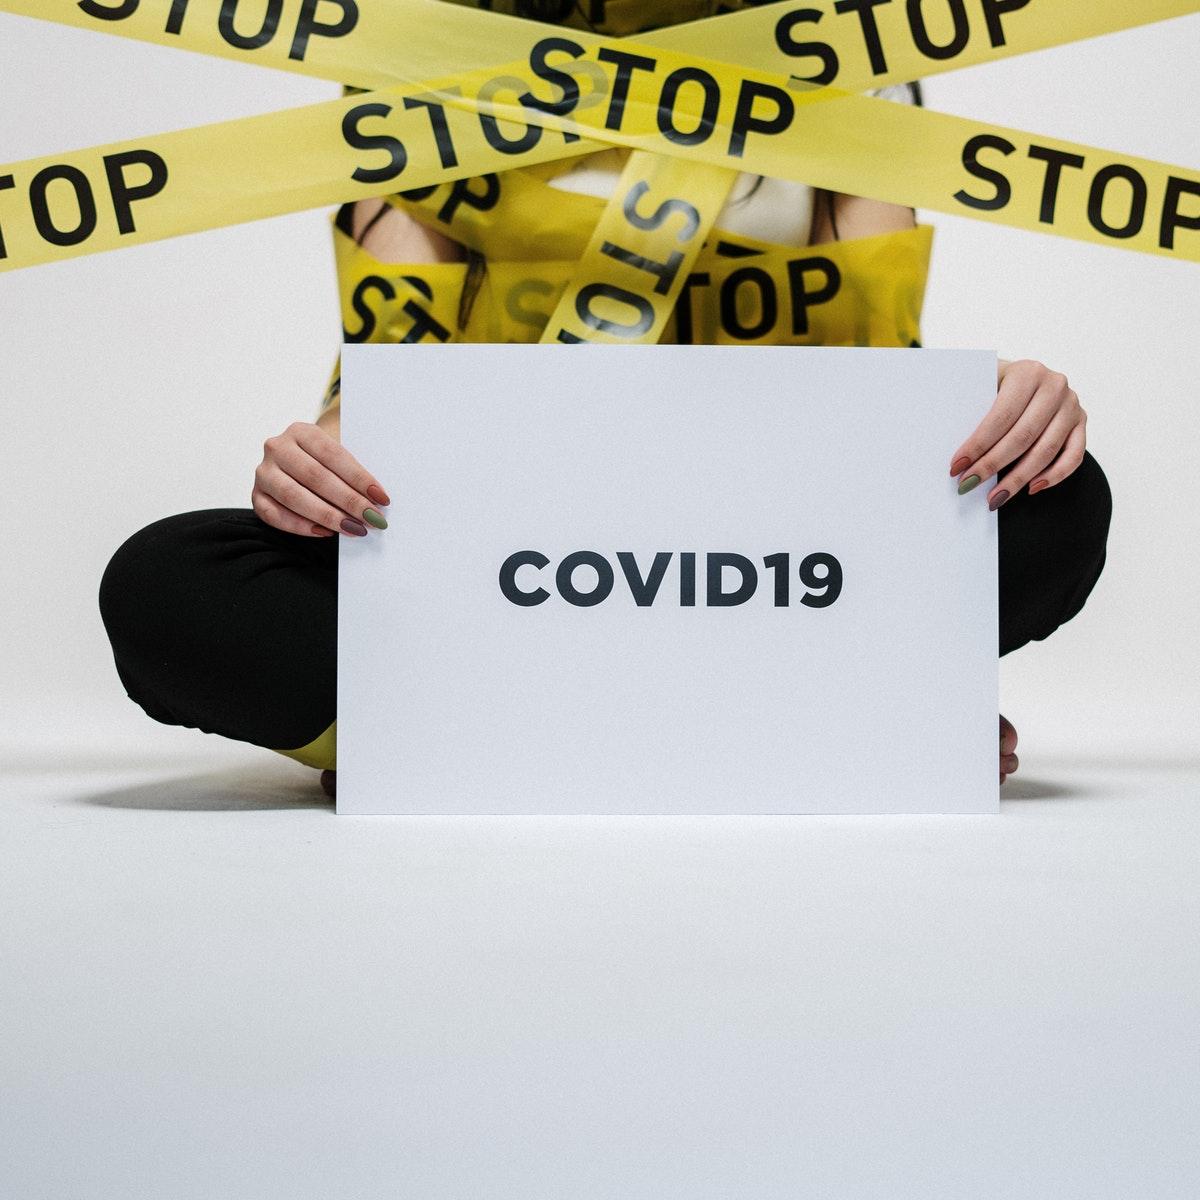 Un disinfettante contro il Covid19